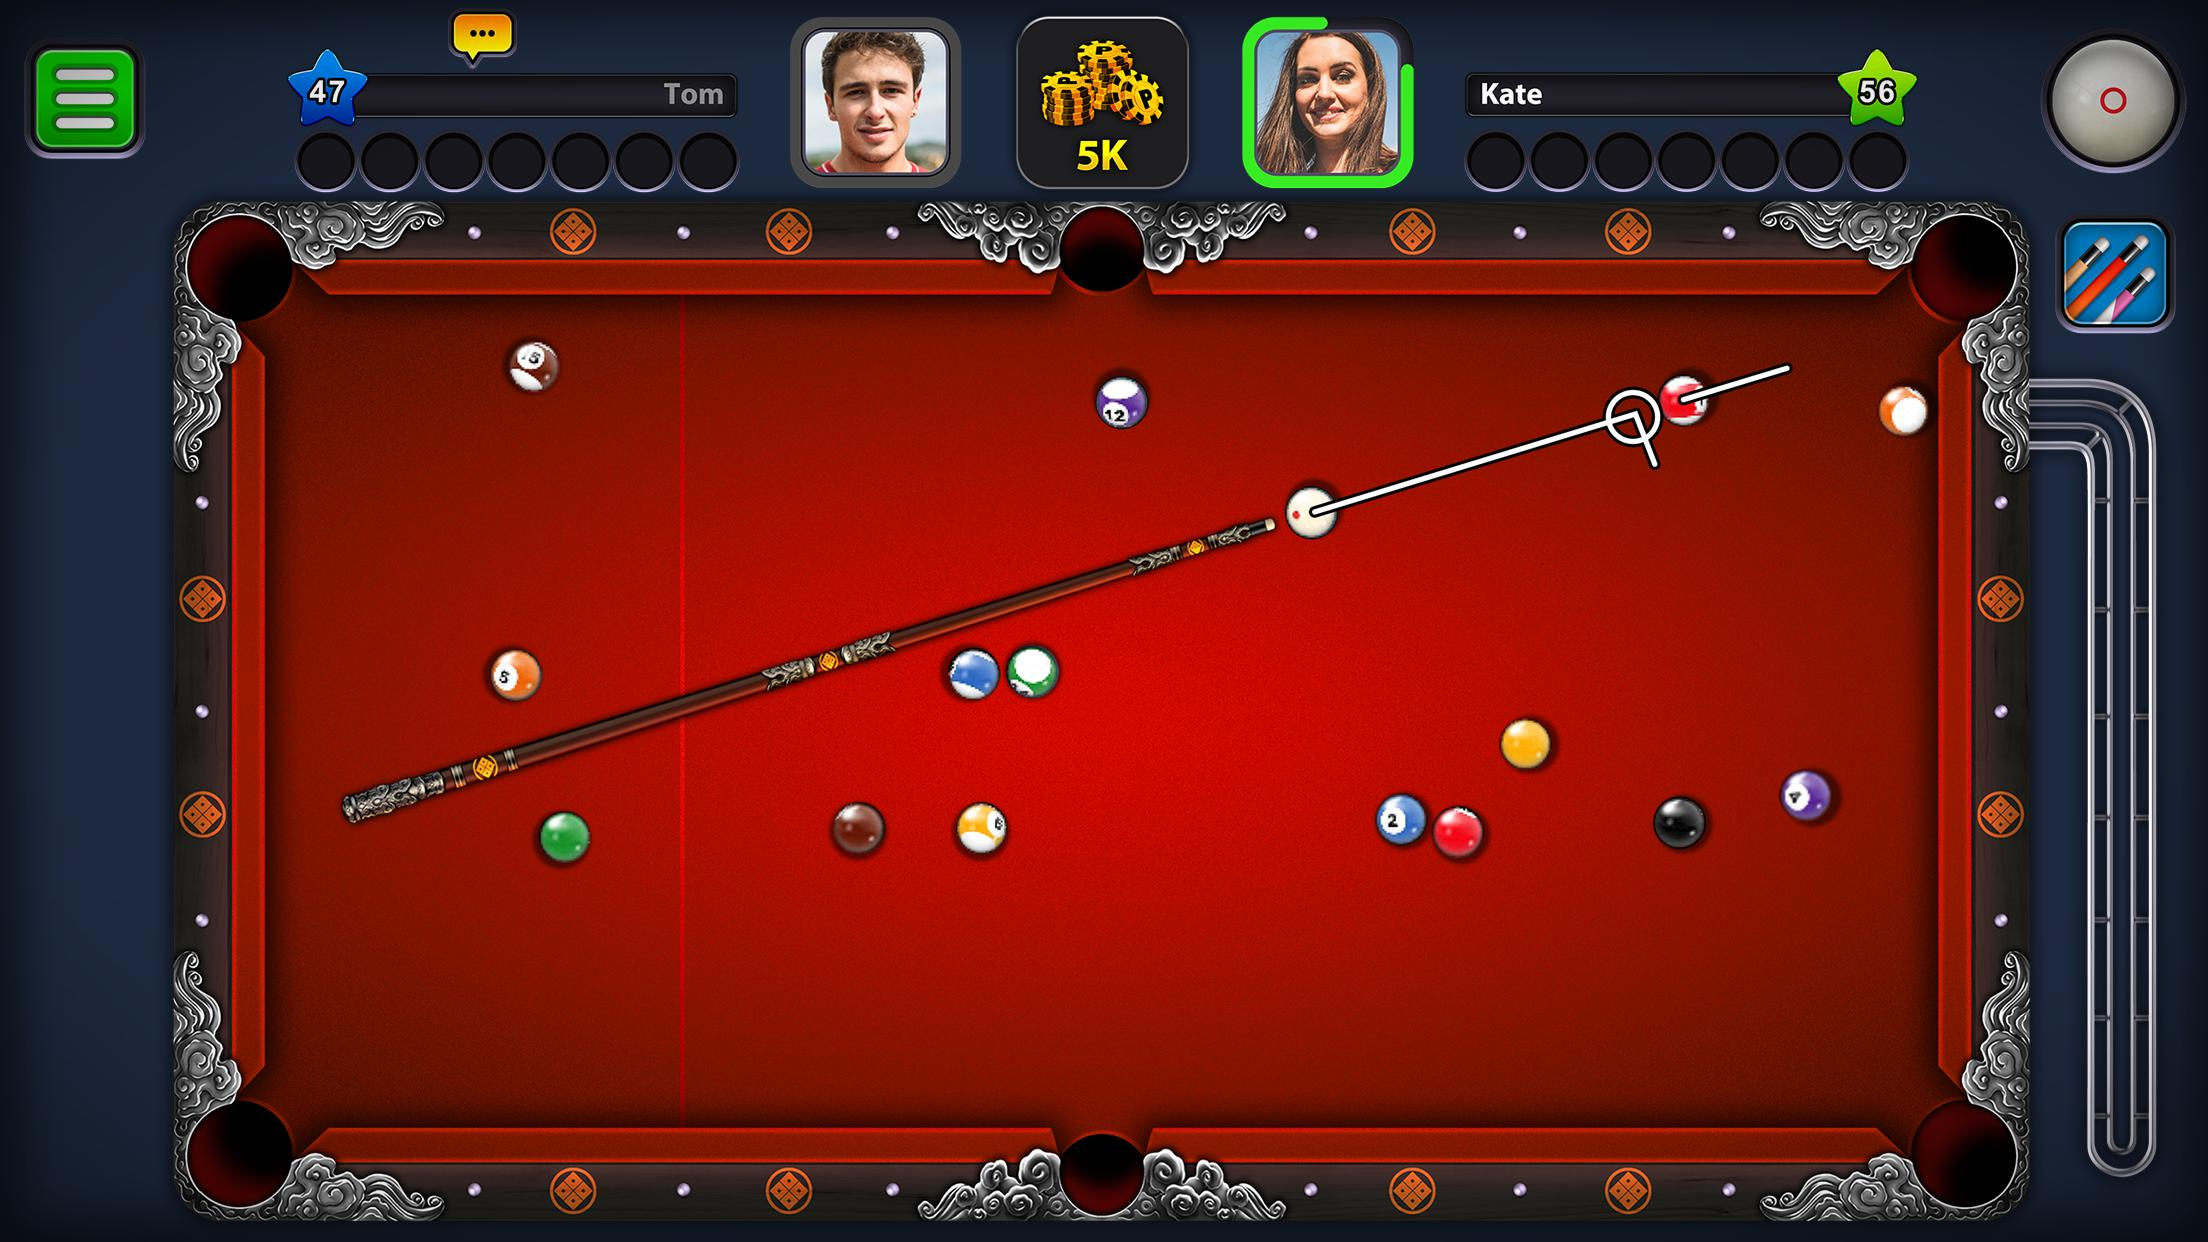 8 Ball Pool poster